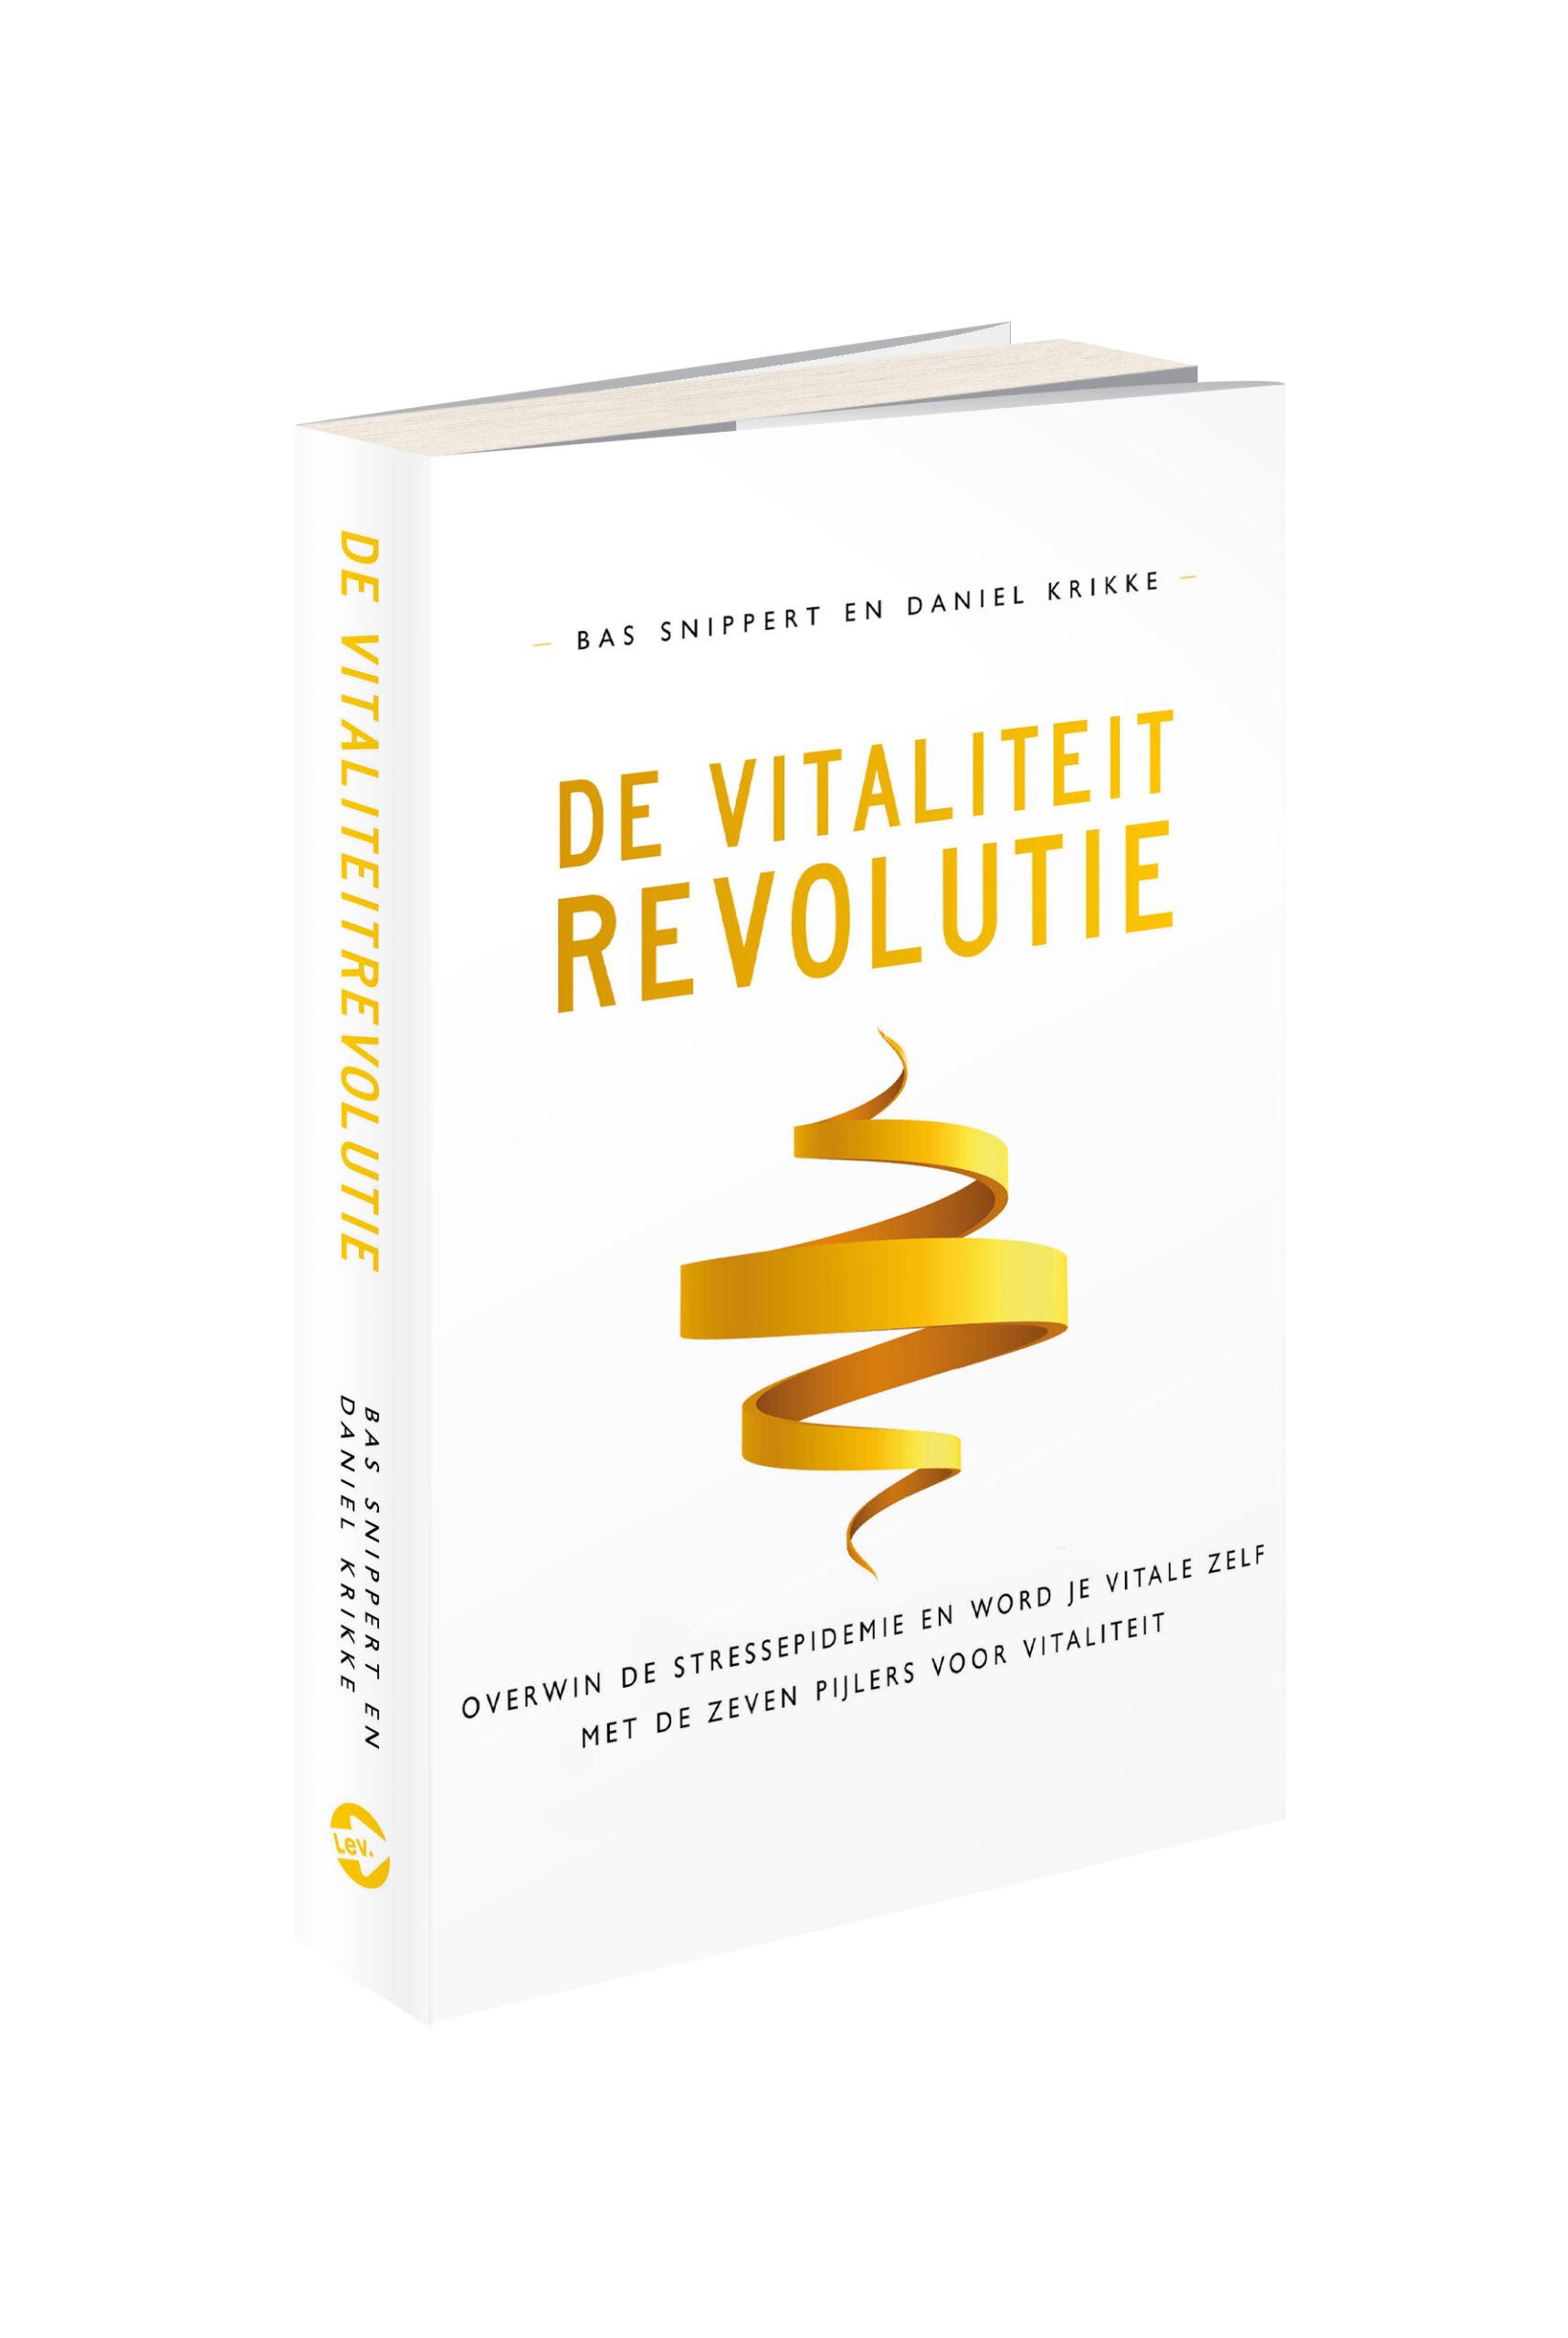 De Vitaliteitrevolutie Paperback